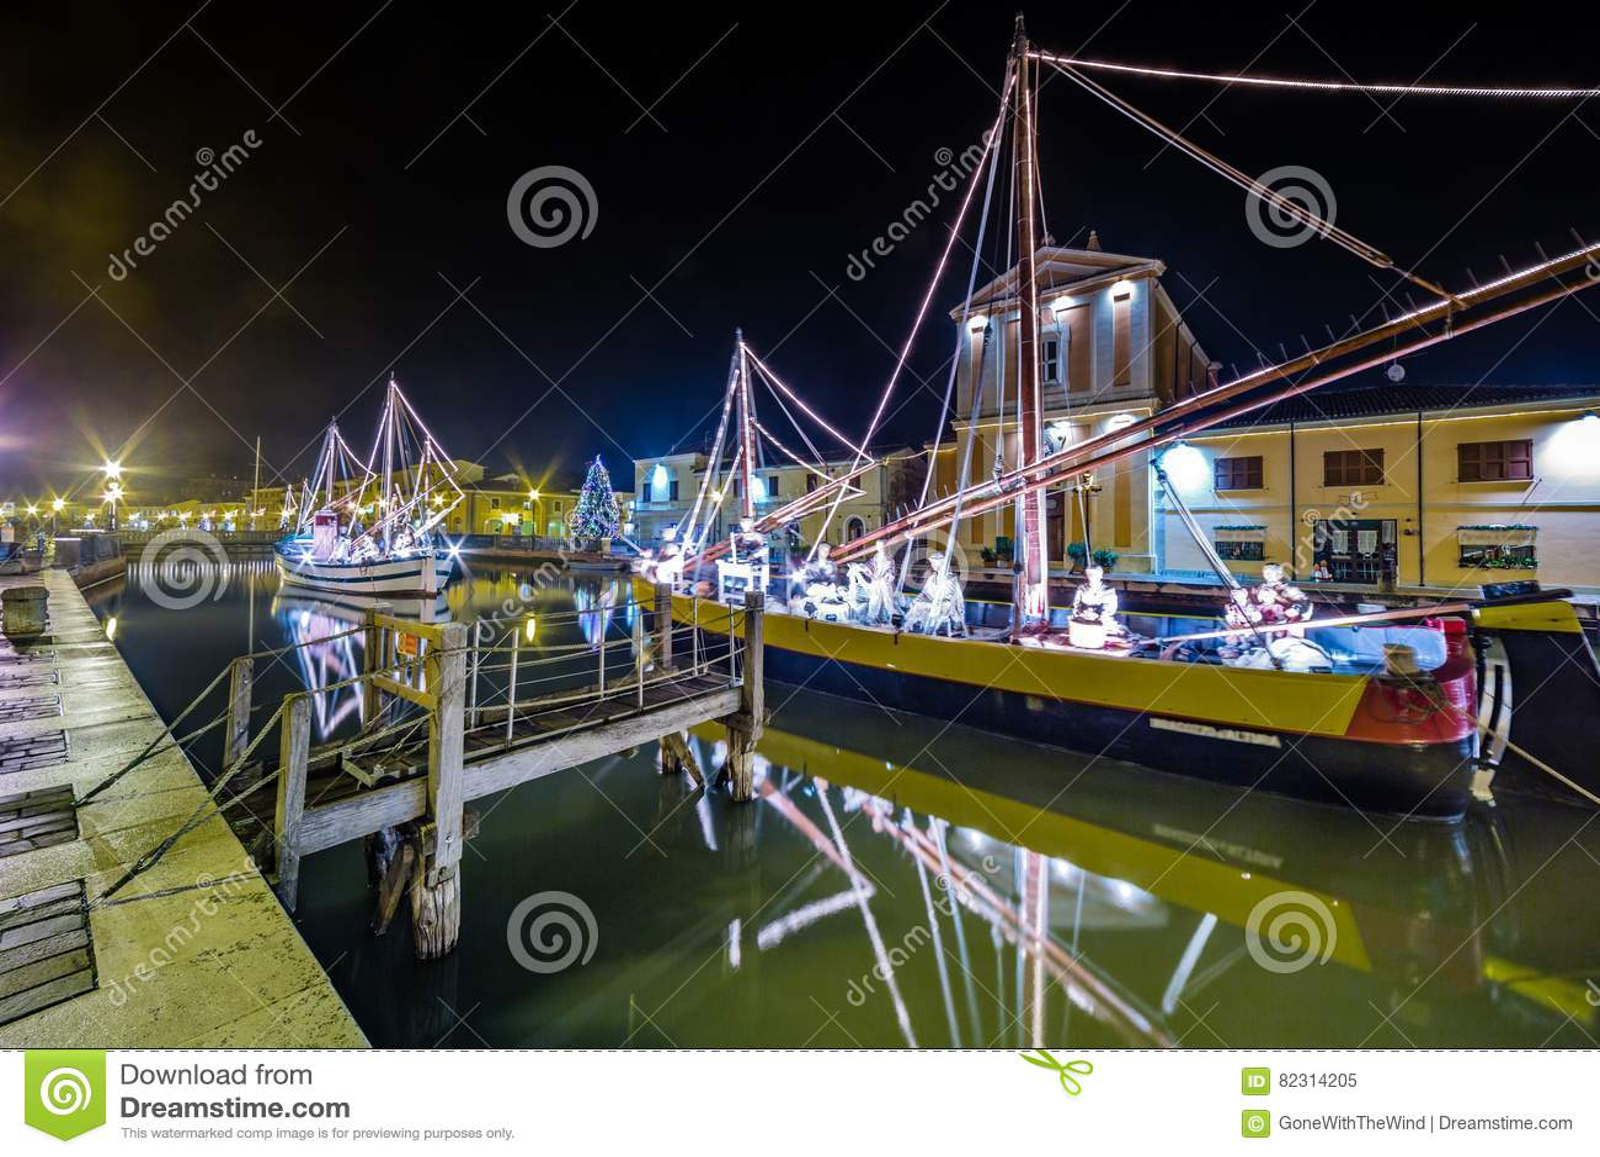 Decorazioni, luci e Marine Crib di Natale